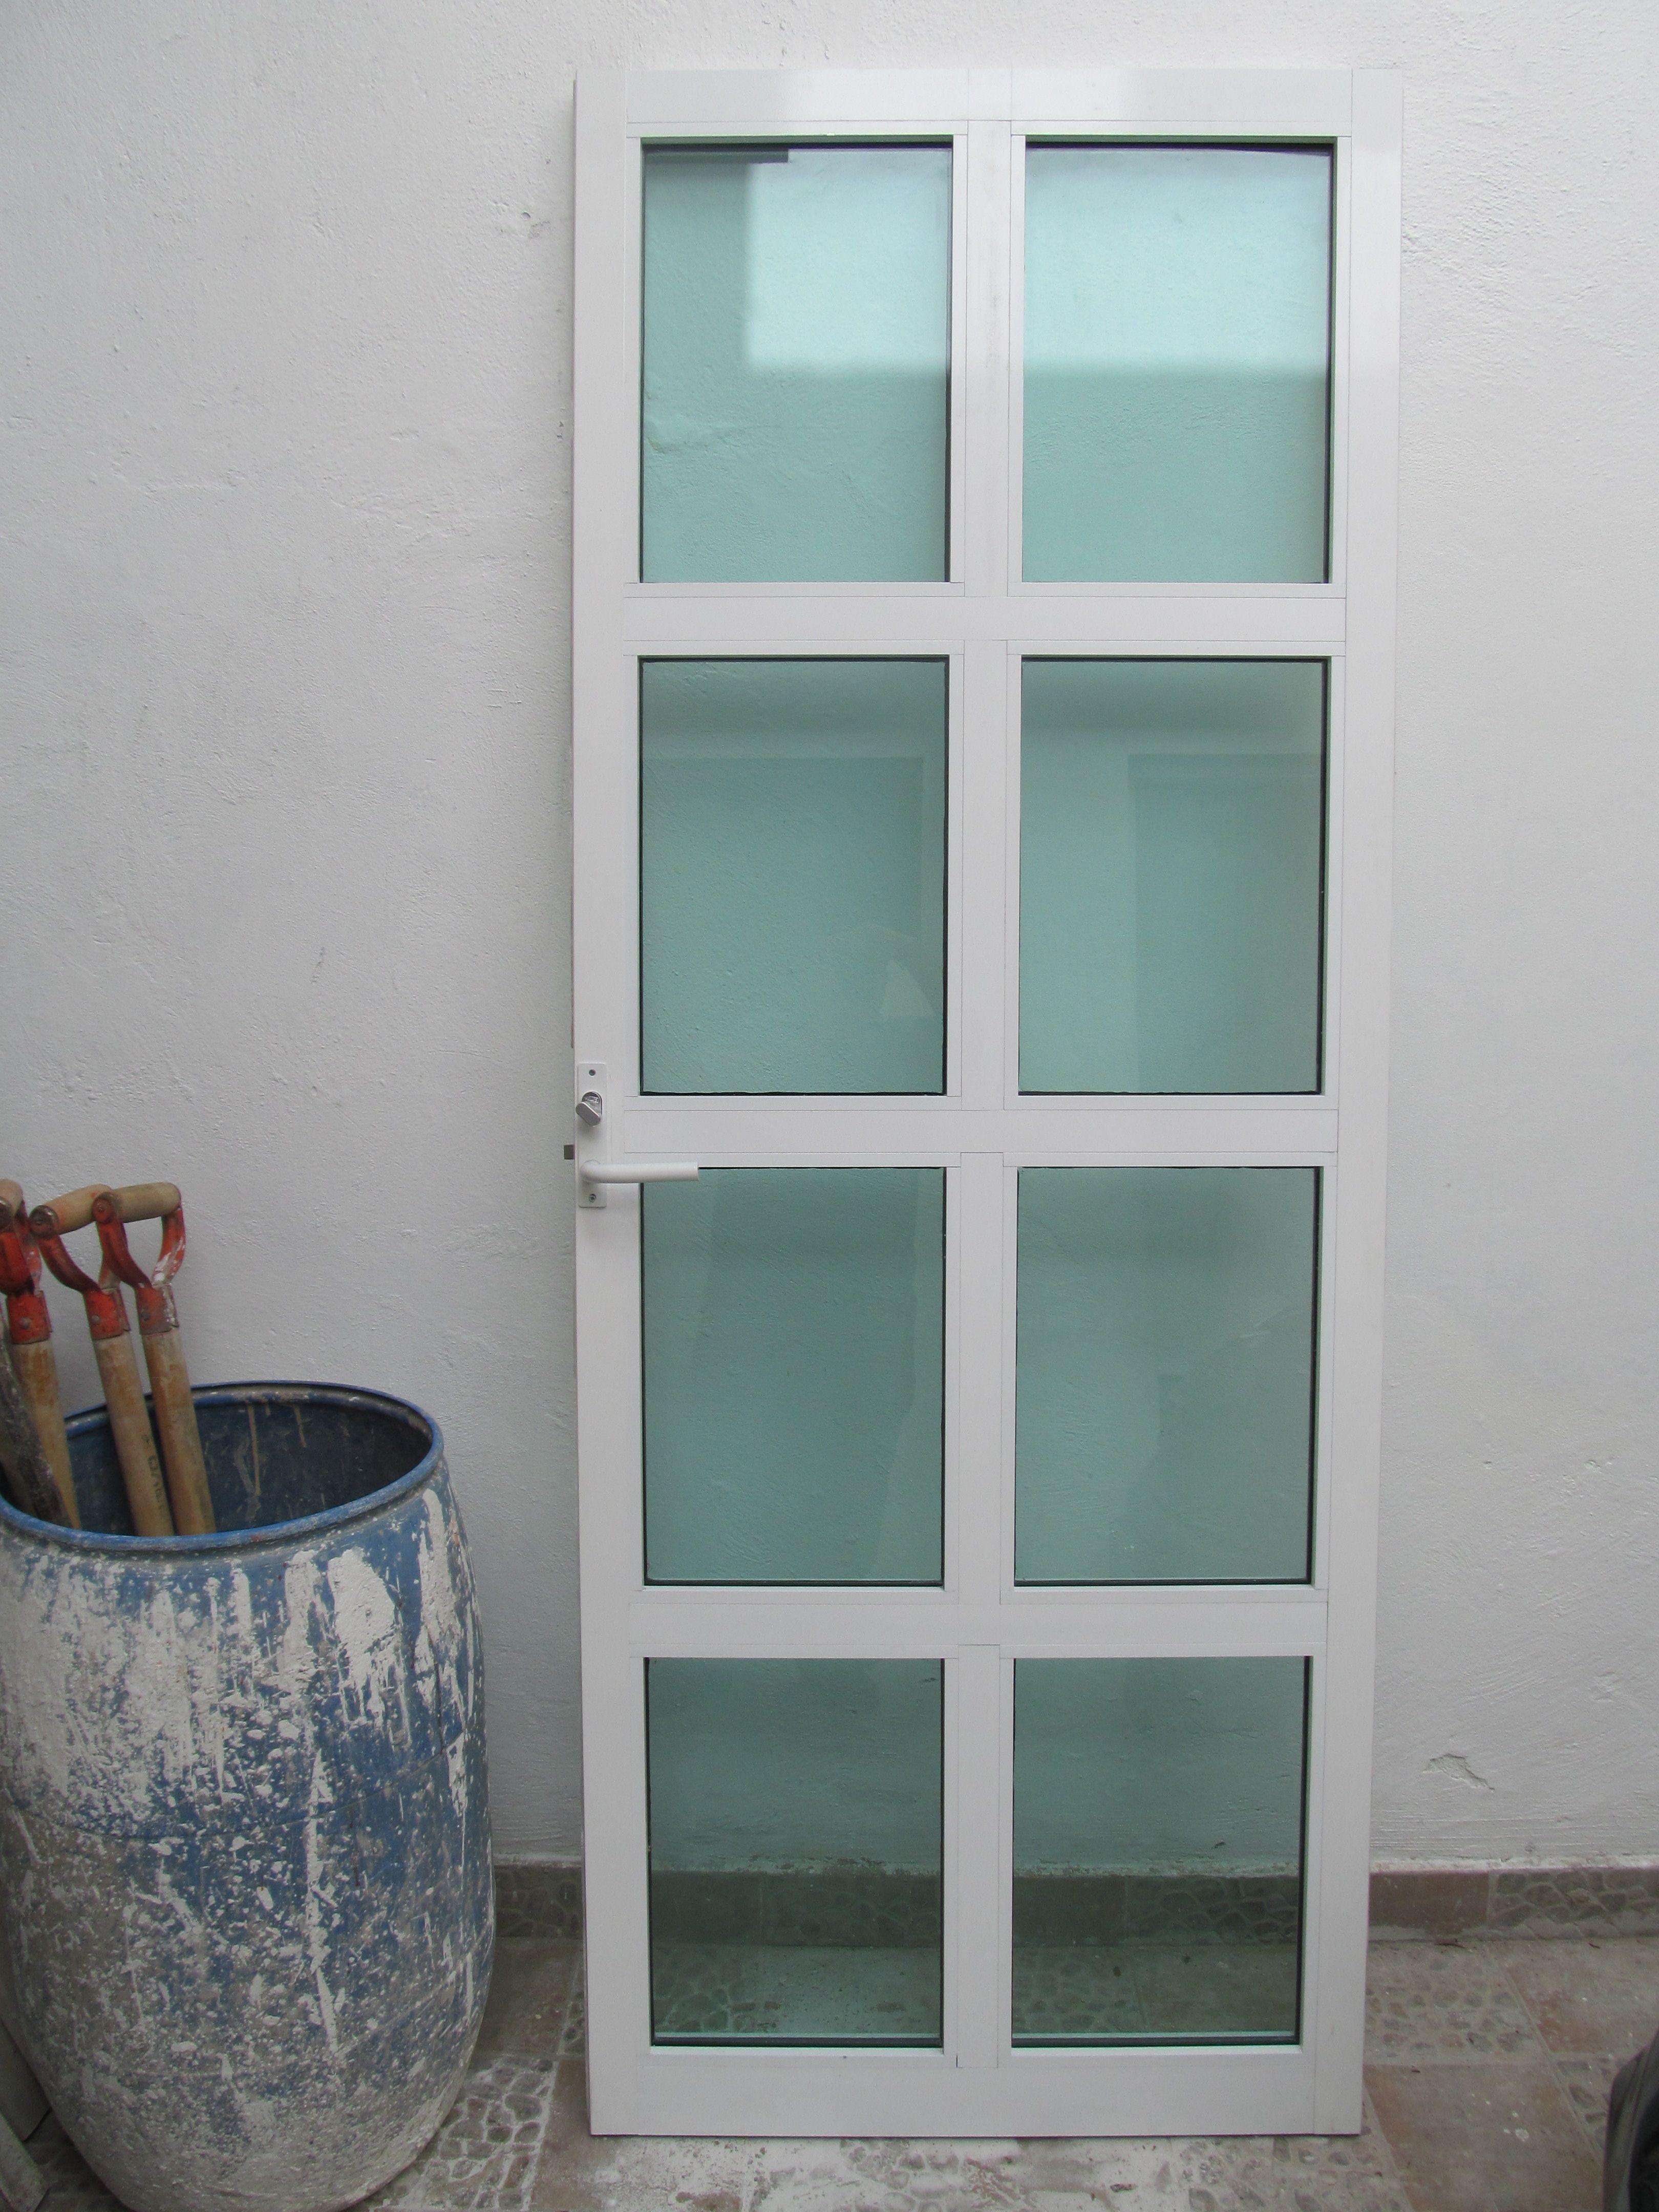 25 Ideas De Puertas Internas Puertas De Aluminio Puertas De Baños Puertas Internas